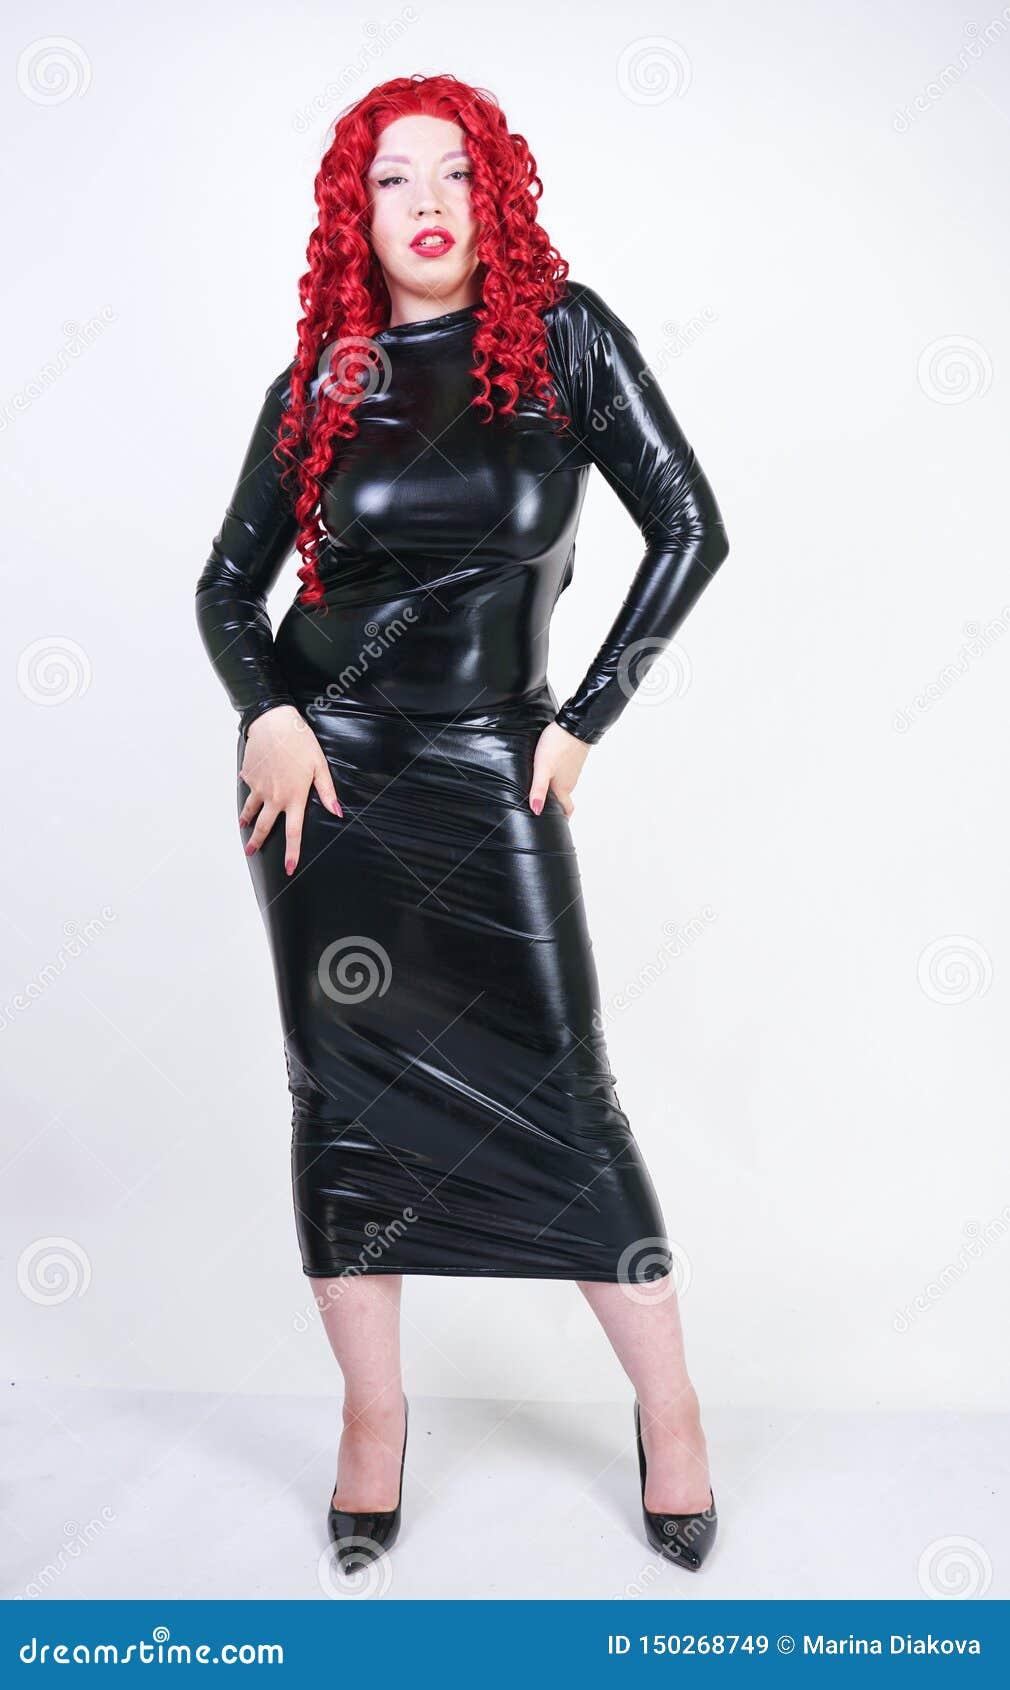 Femme plus luxueuse de taille avec le visage asiatique, le maquillage lumineux et les cheveux bouclés rouges posant dans la longu